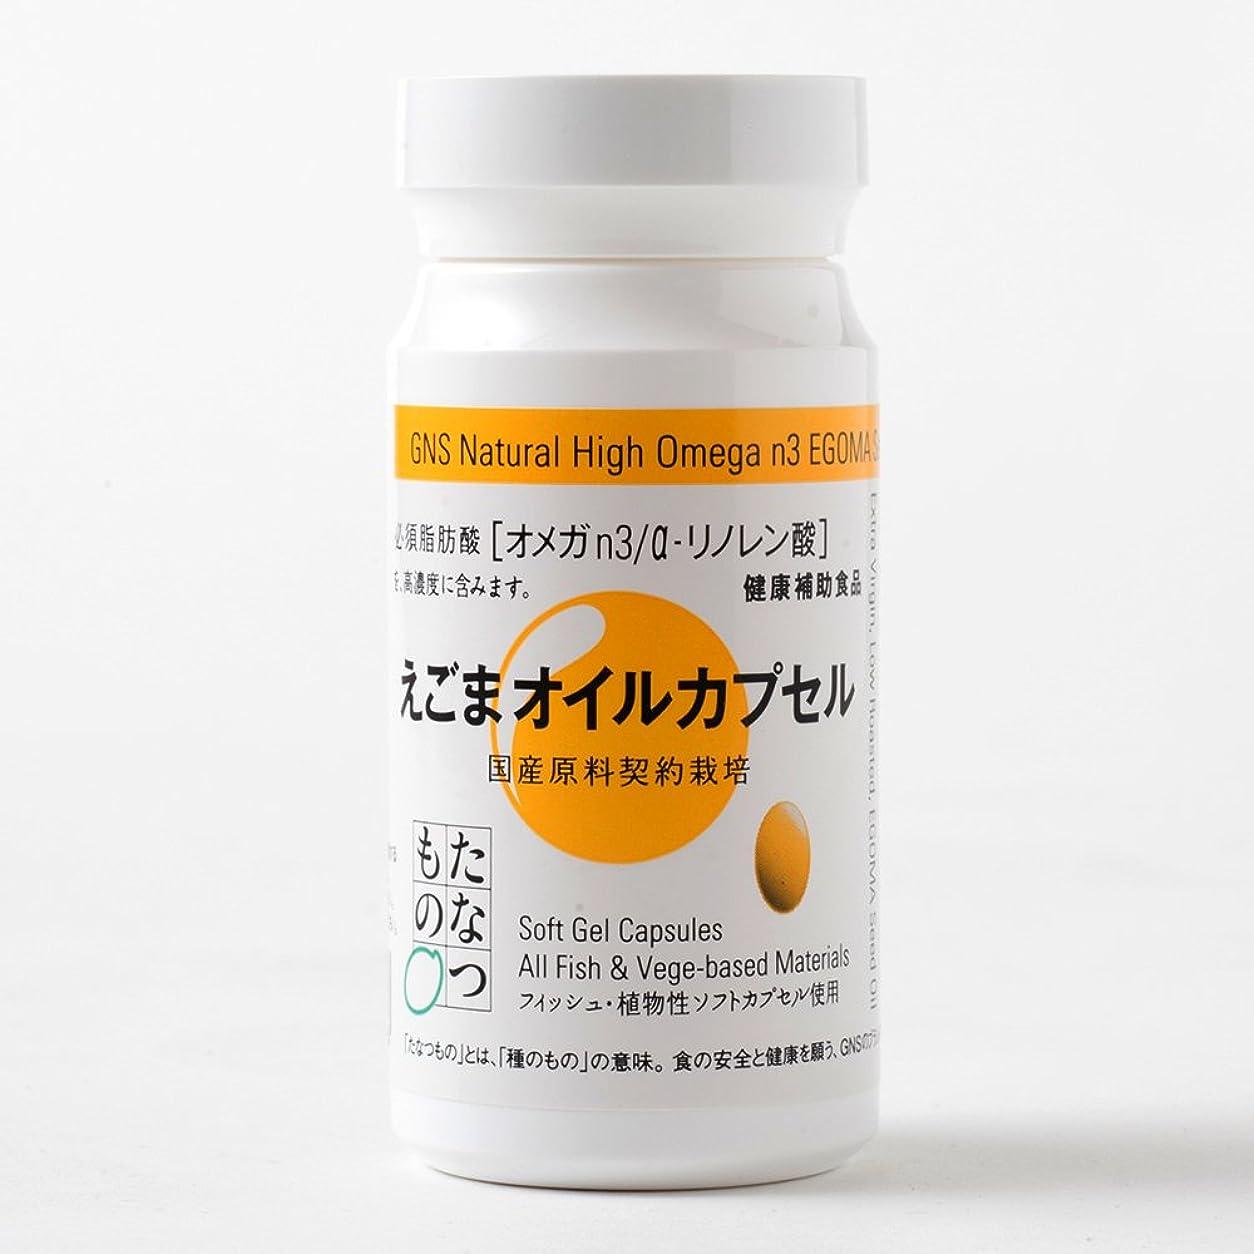 ドメイン溝タイヤえごまオイルカプセル 120粒 オメガ3必須脂肪酸/αリノレン酸